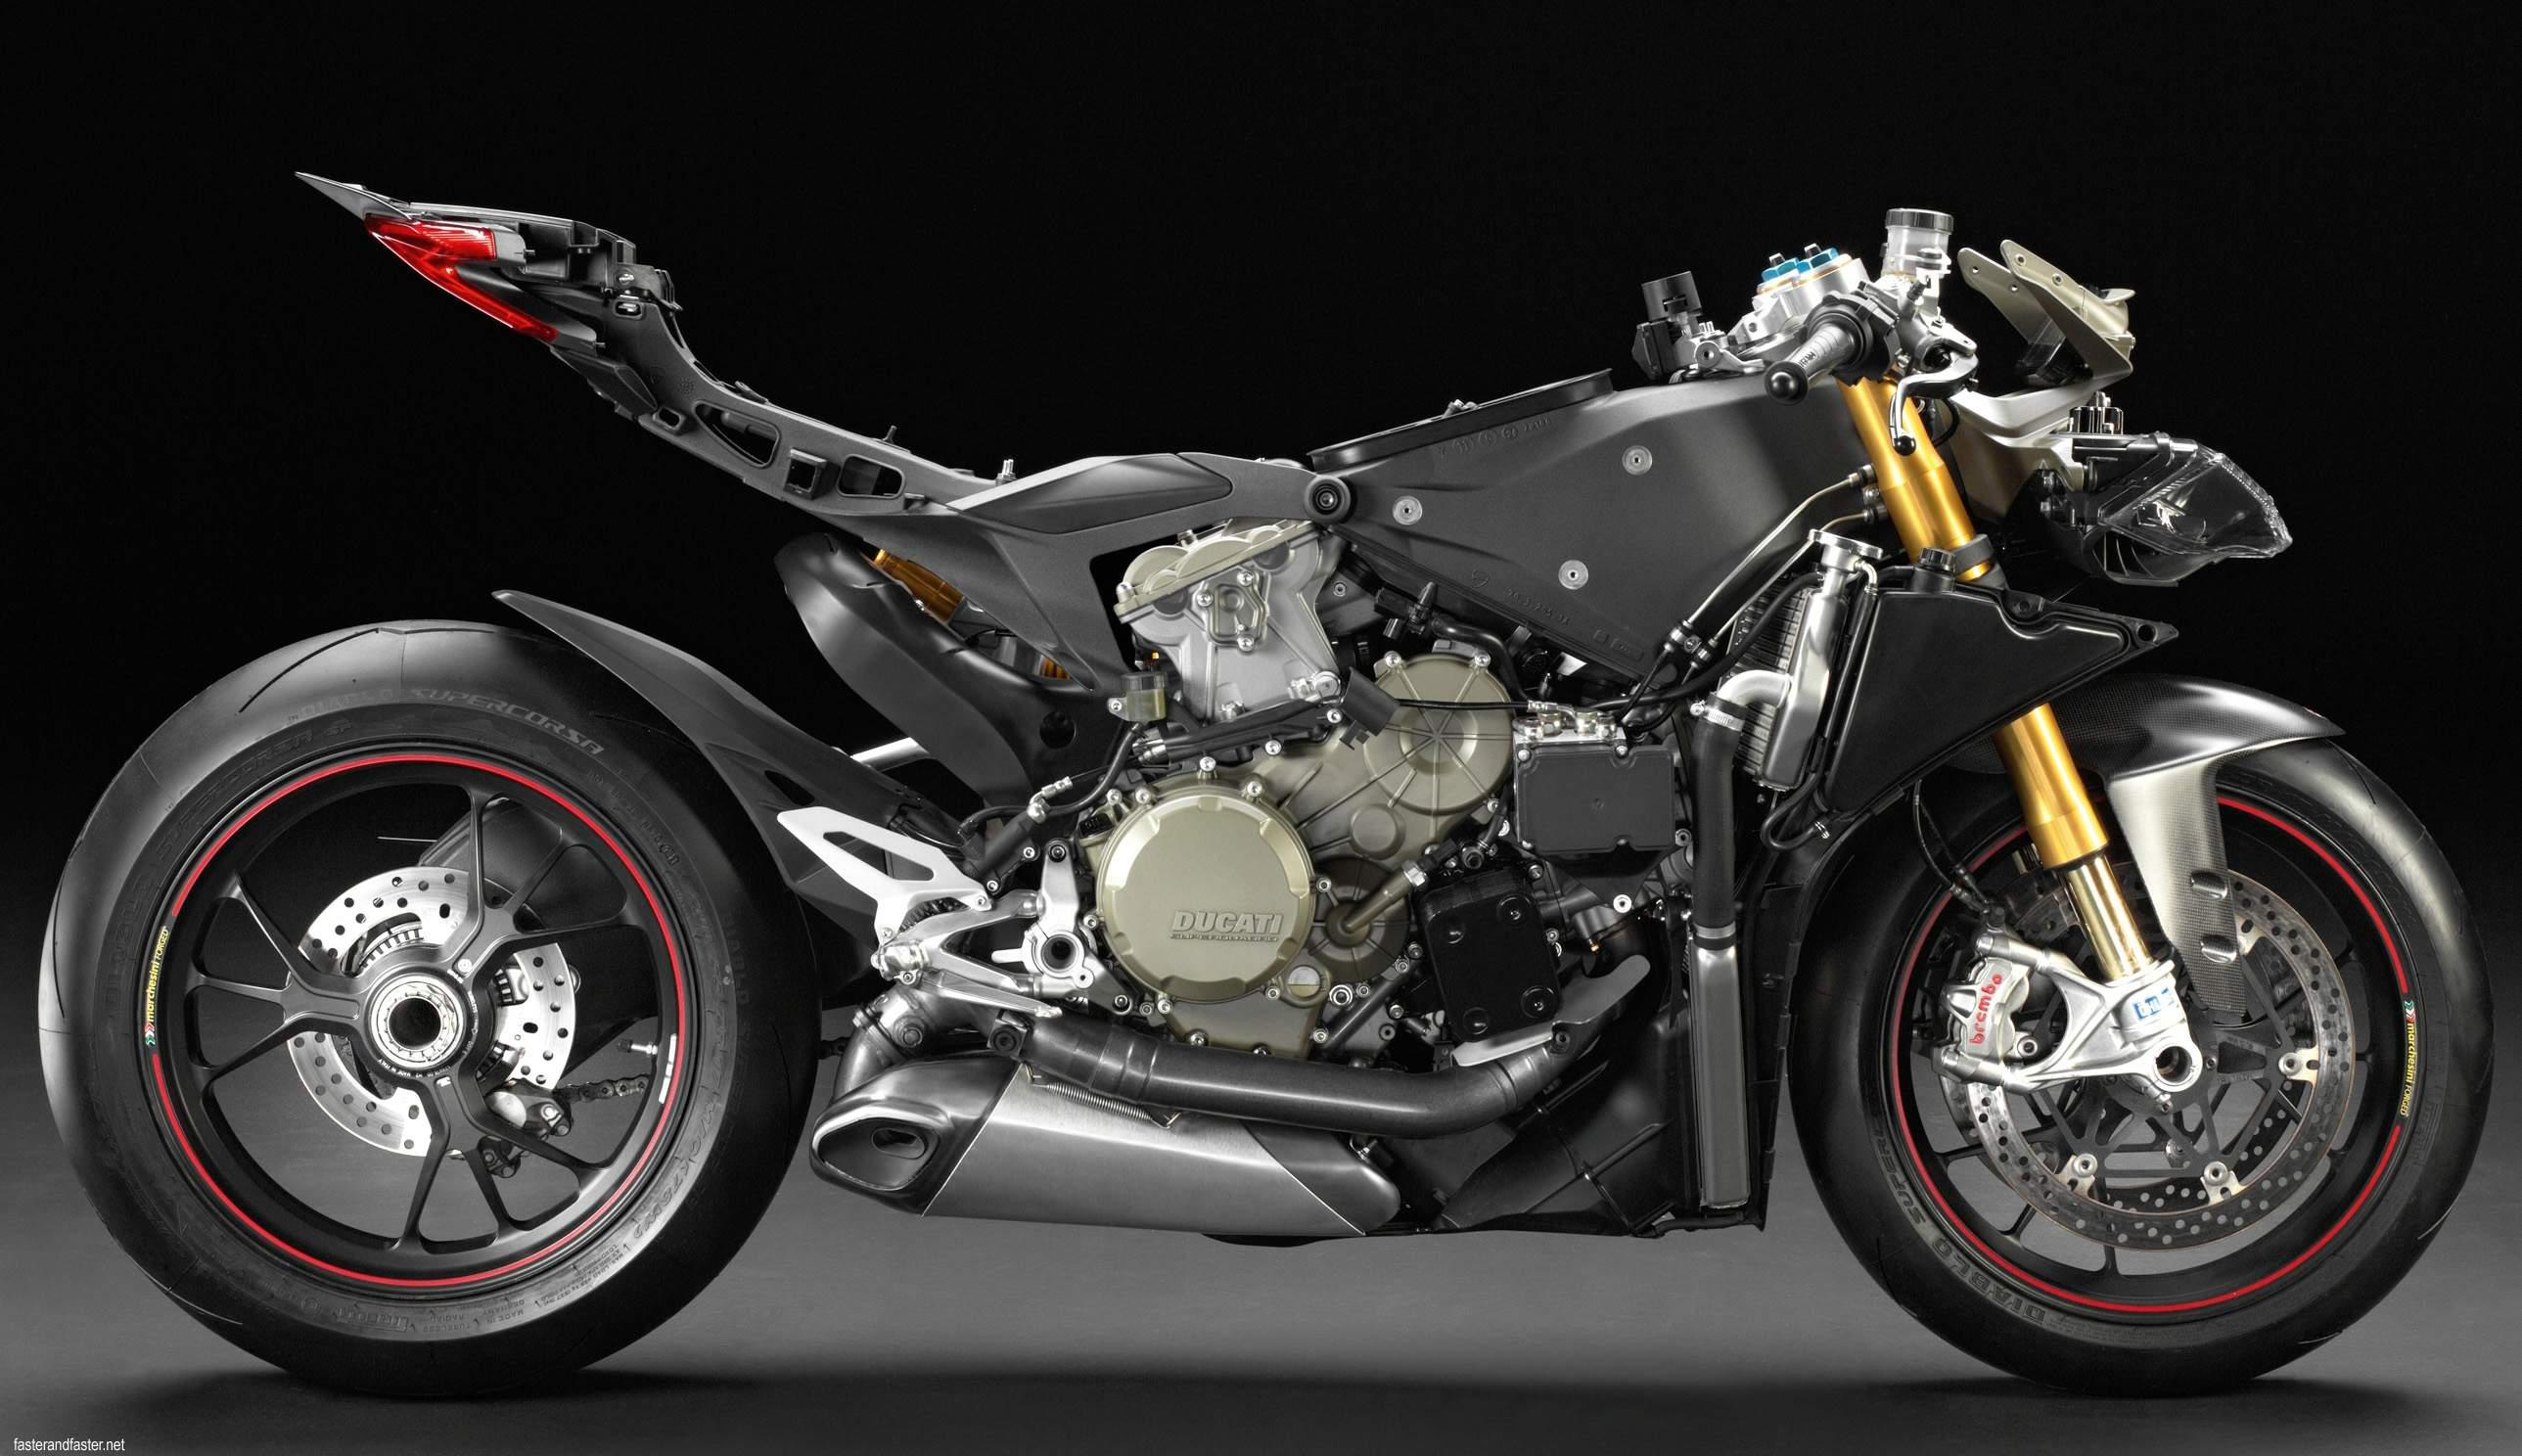 Ducati ya tiene sustituta para el SBK. La V4 1000 será la encargada de mantener el reinado y lograr muchas victorias en la competición.